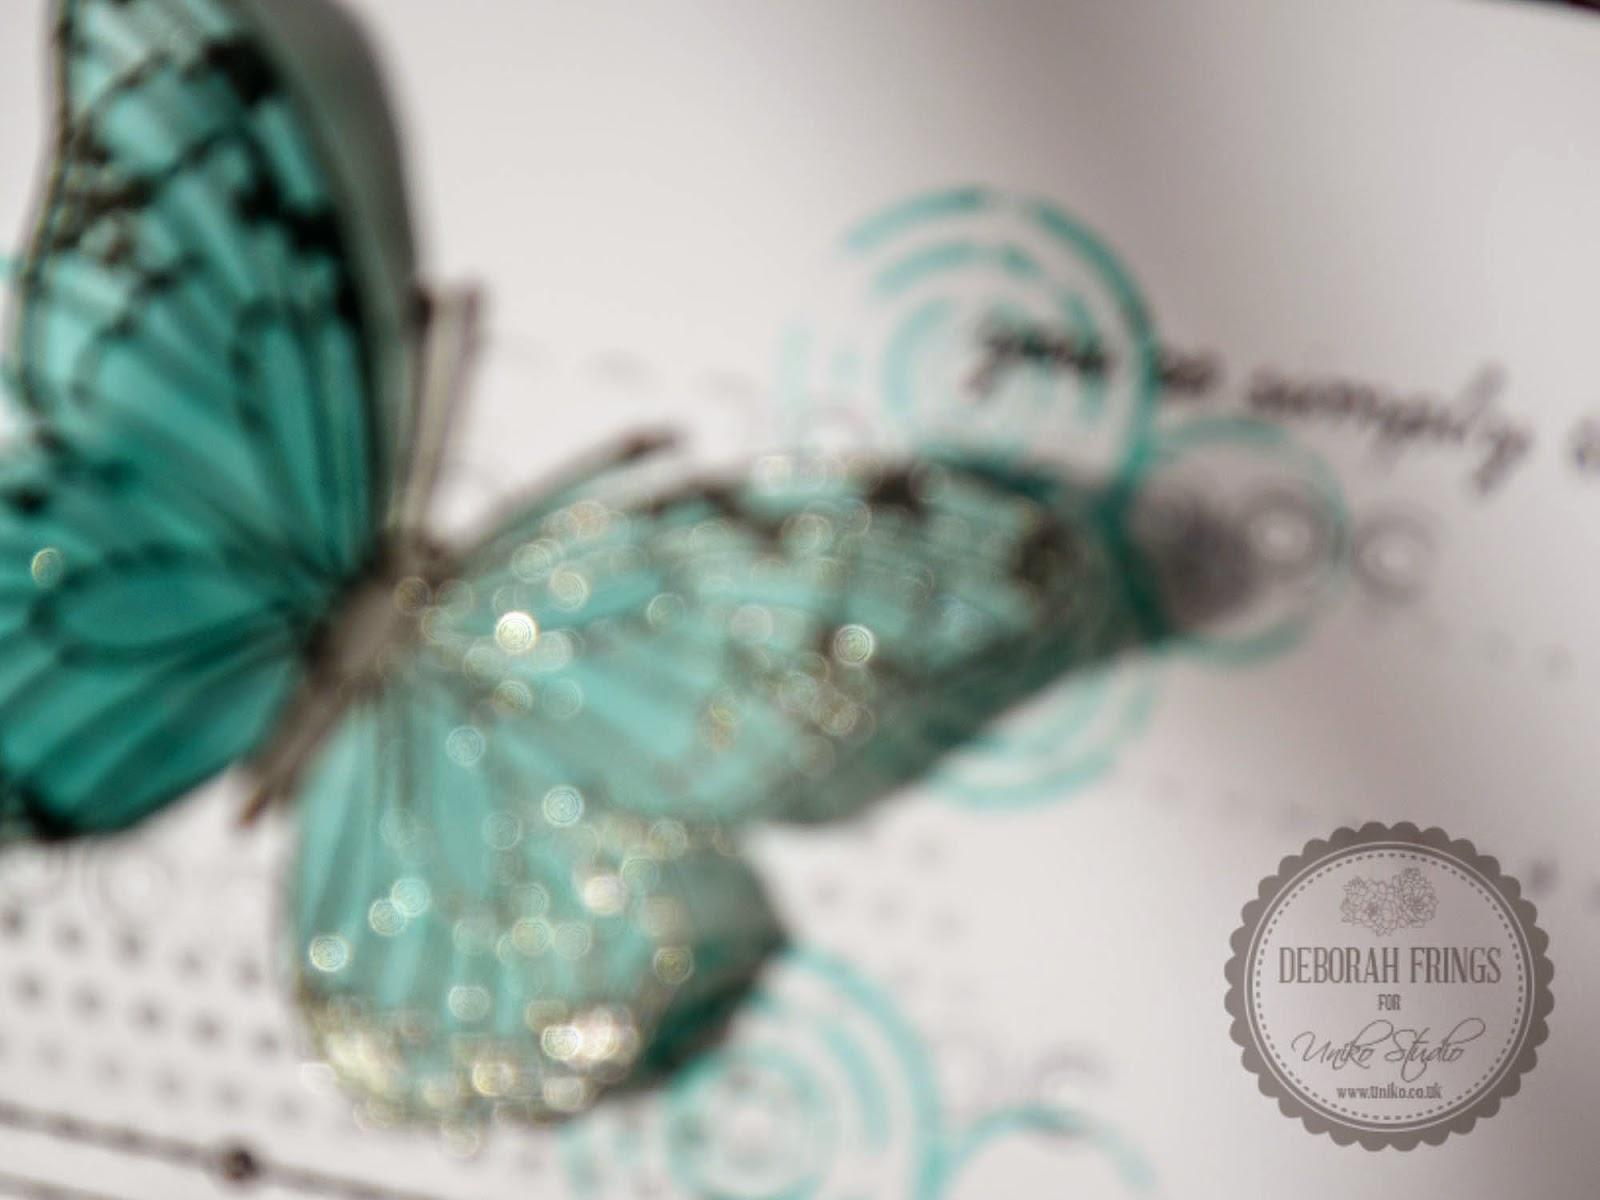 The Best detail - photo by Deborah Frings - Deborah's Gems